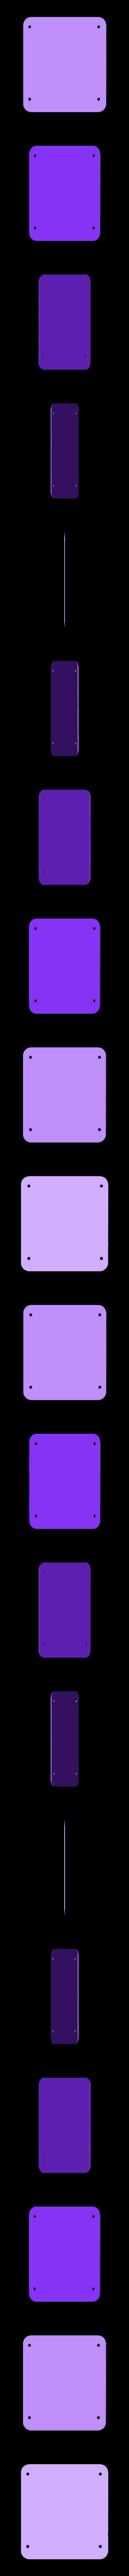 Bottom_Cover.stl Télécharger fichier STL gratuit DaVinci Pro Couvercle inférieur • Design à imprimer en 3D, indigo4